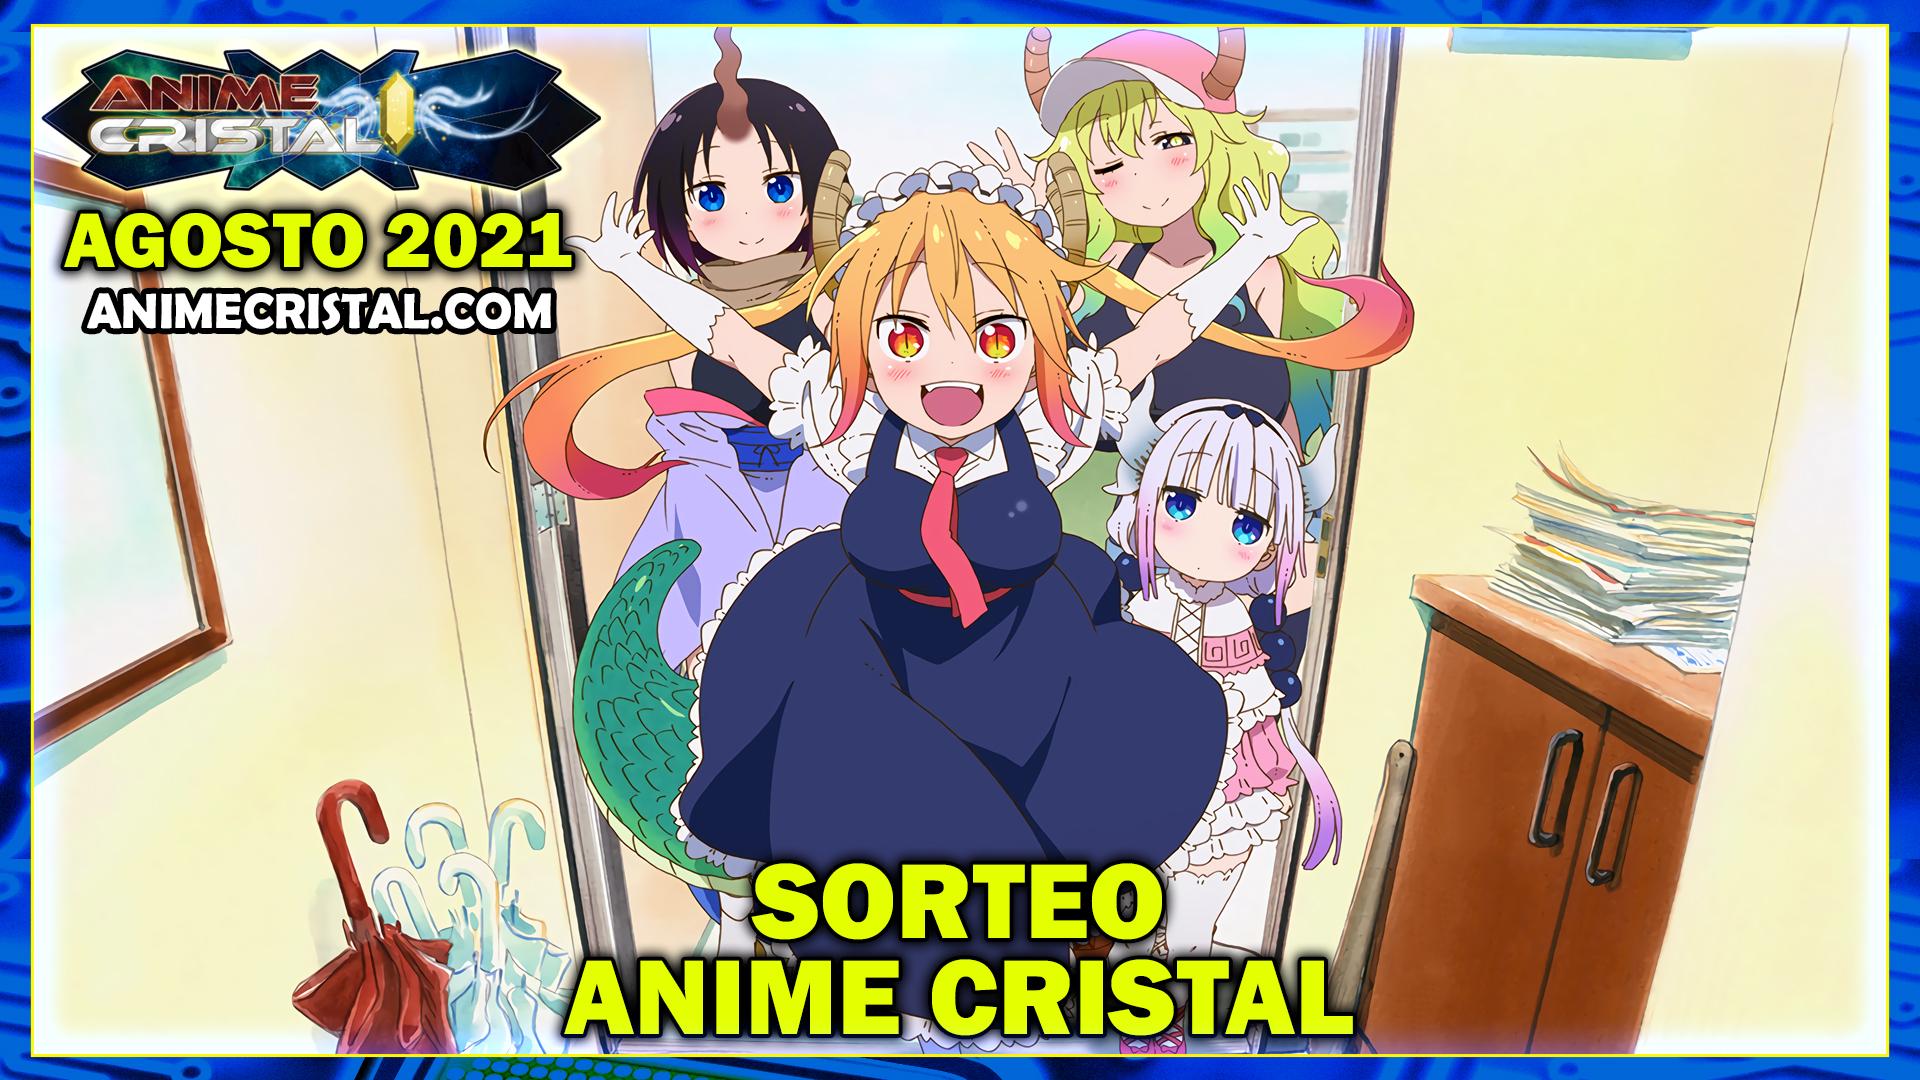 Sorteo Anime Cristal Agosto 2021